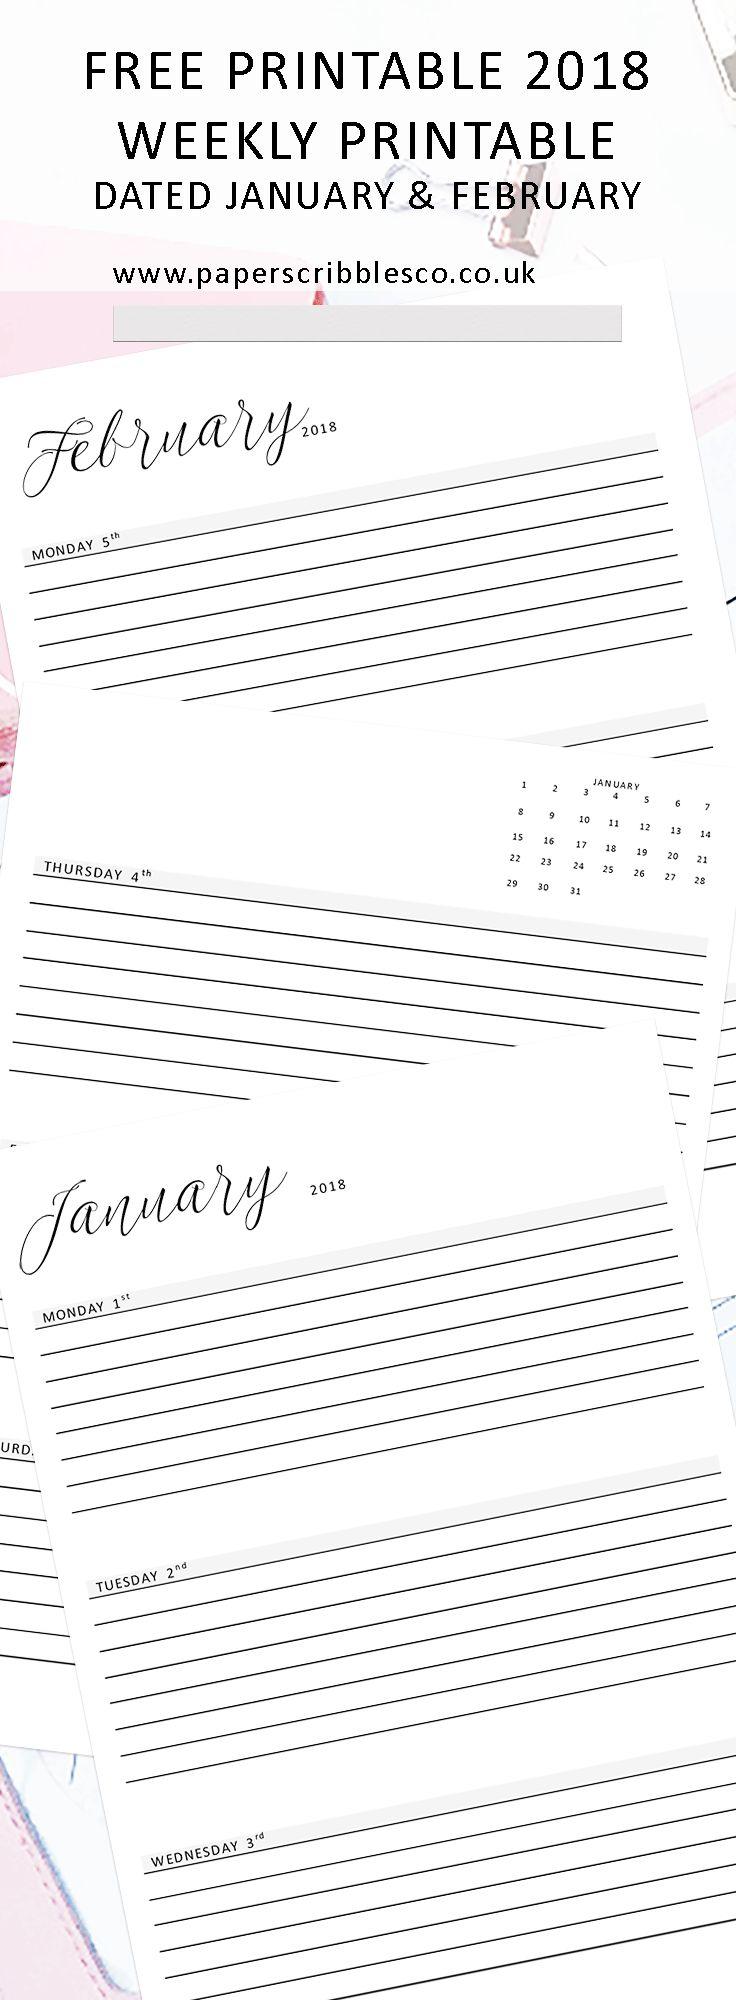 Weekly Planner   Free Planner Printables   2018 Calendar   Planner Inserts   Free 2018 Planner   Week on Two Pages   Dated Planners